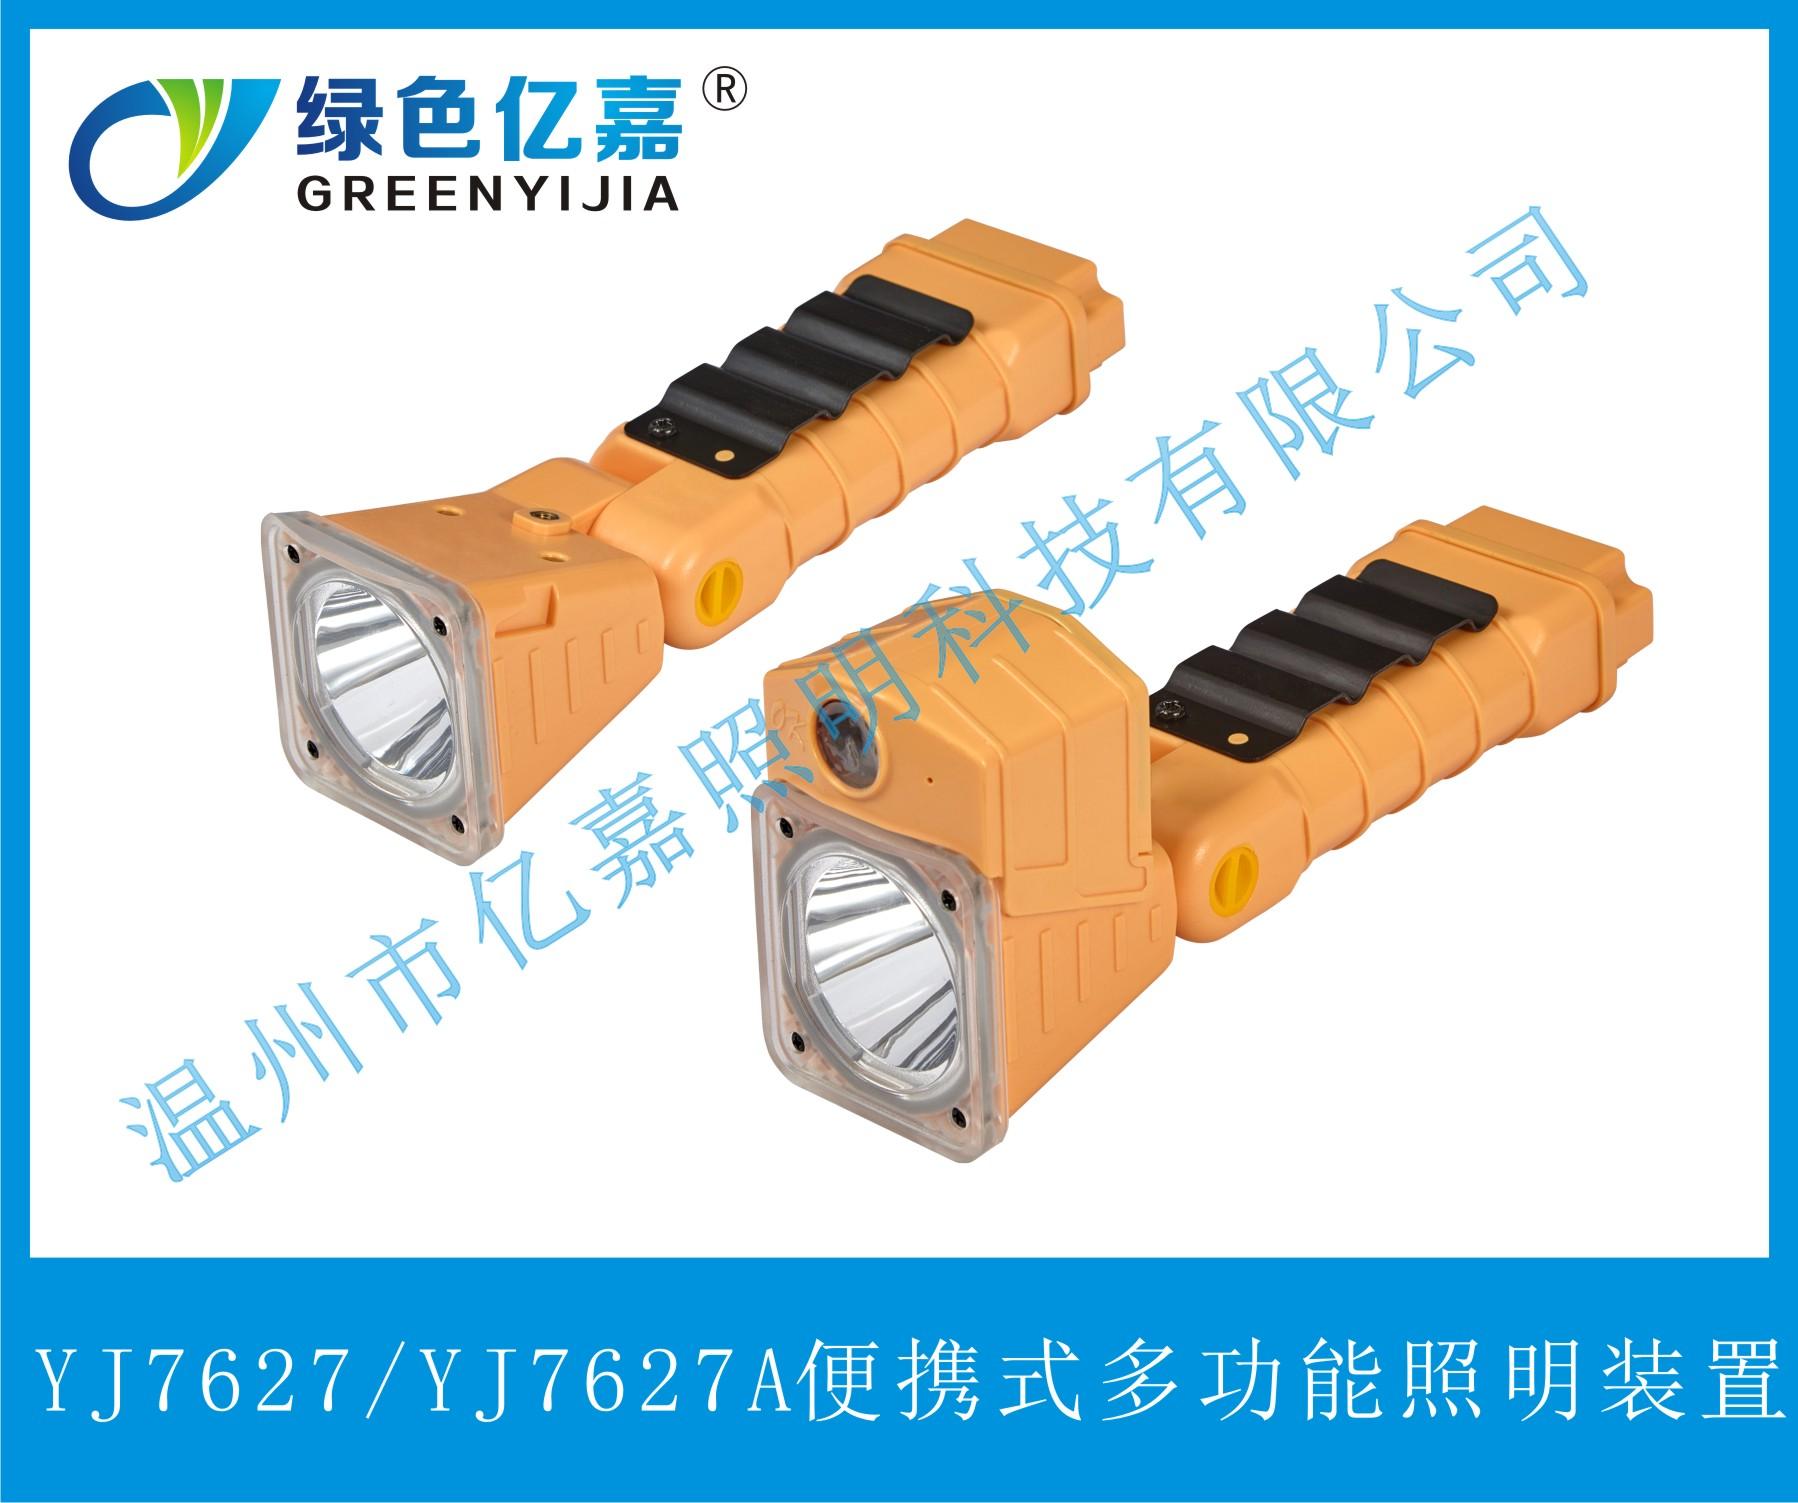 YJ7627/YJ7627A便携式多功能雷竞技网站装置